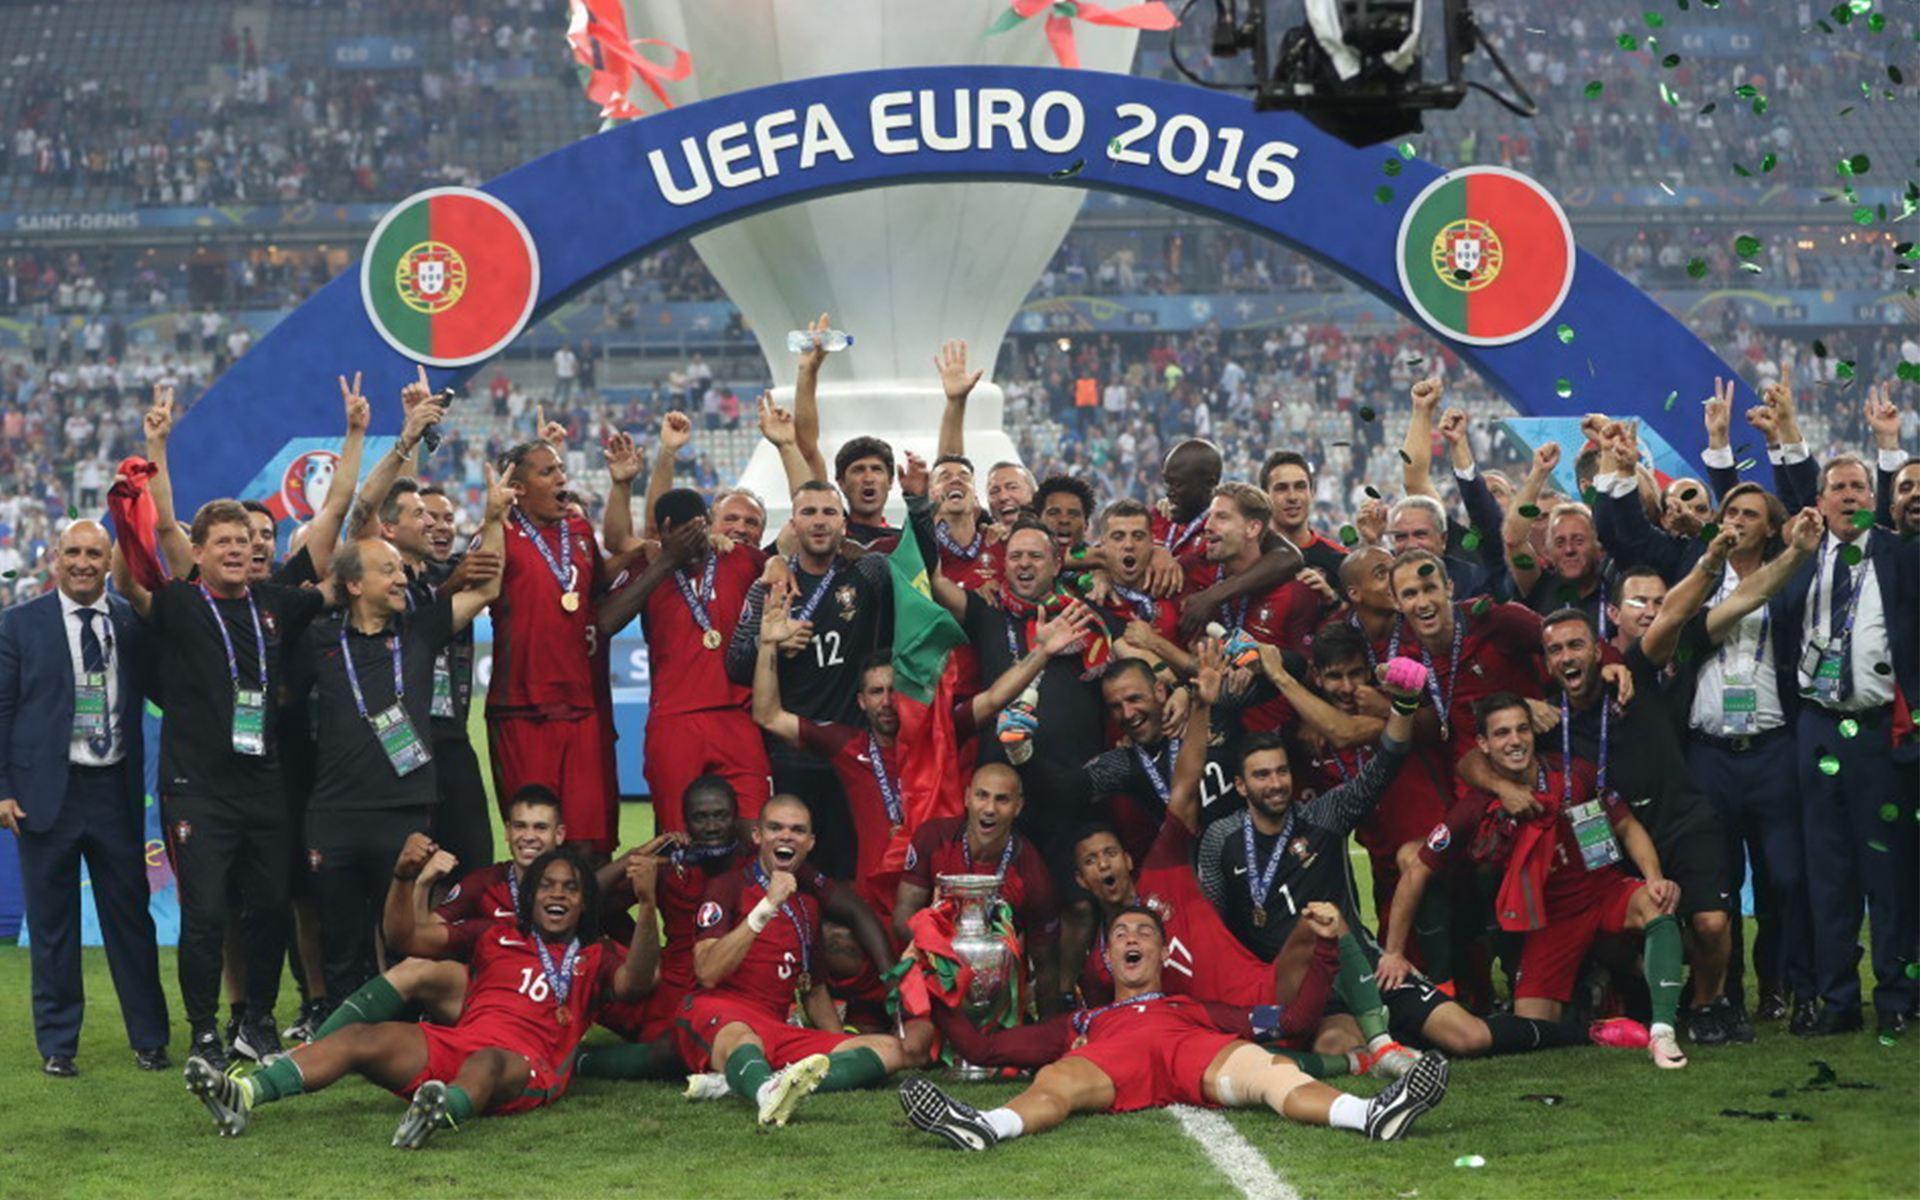 镜报列有望闪耀欧洲杯十大球星:拉什福德领衔,德国三人